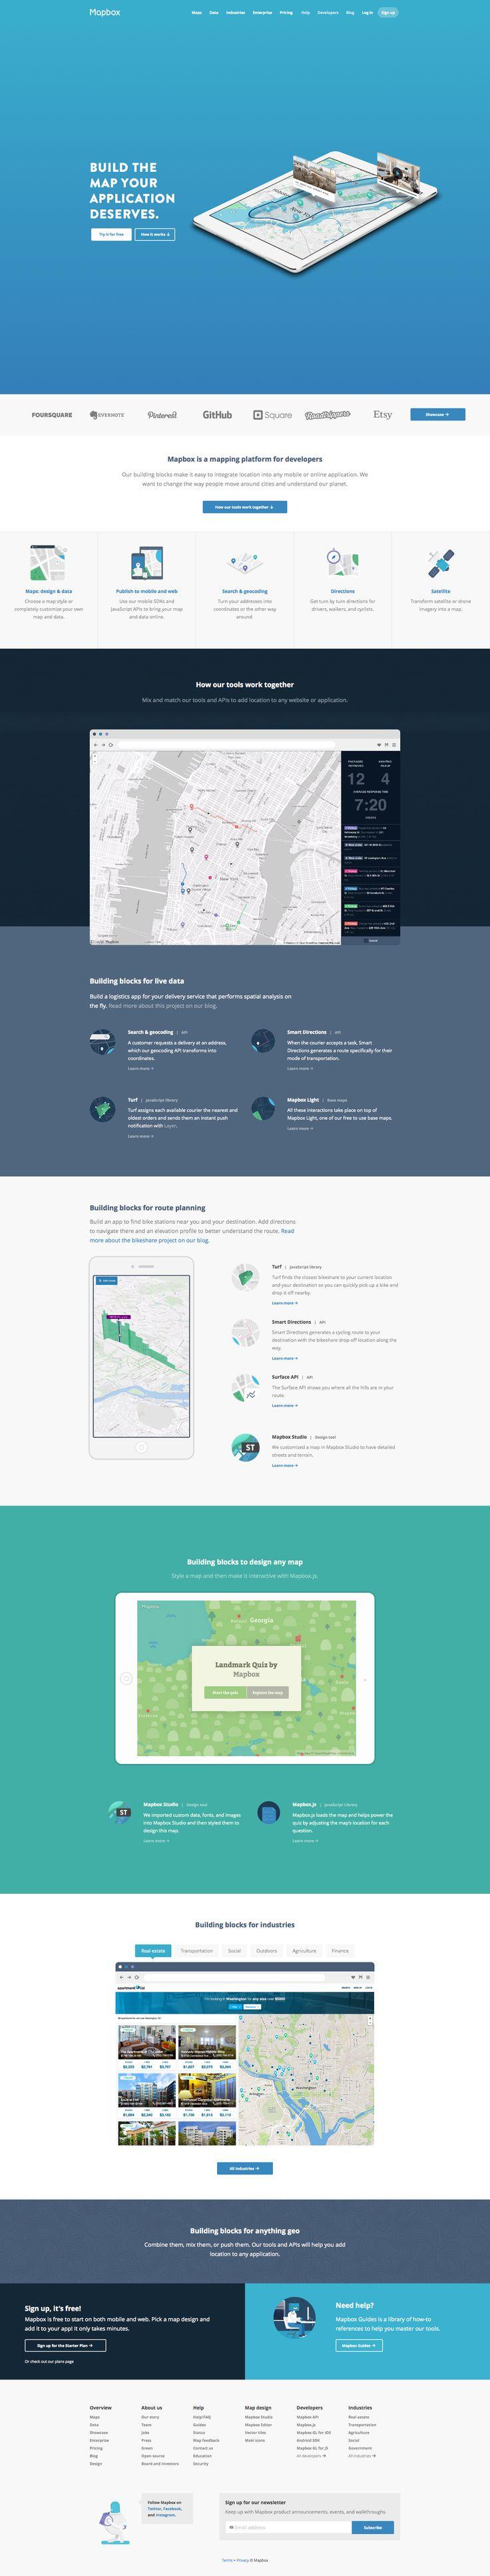 Homepage redesign by Tatiana Van Campenhout 36